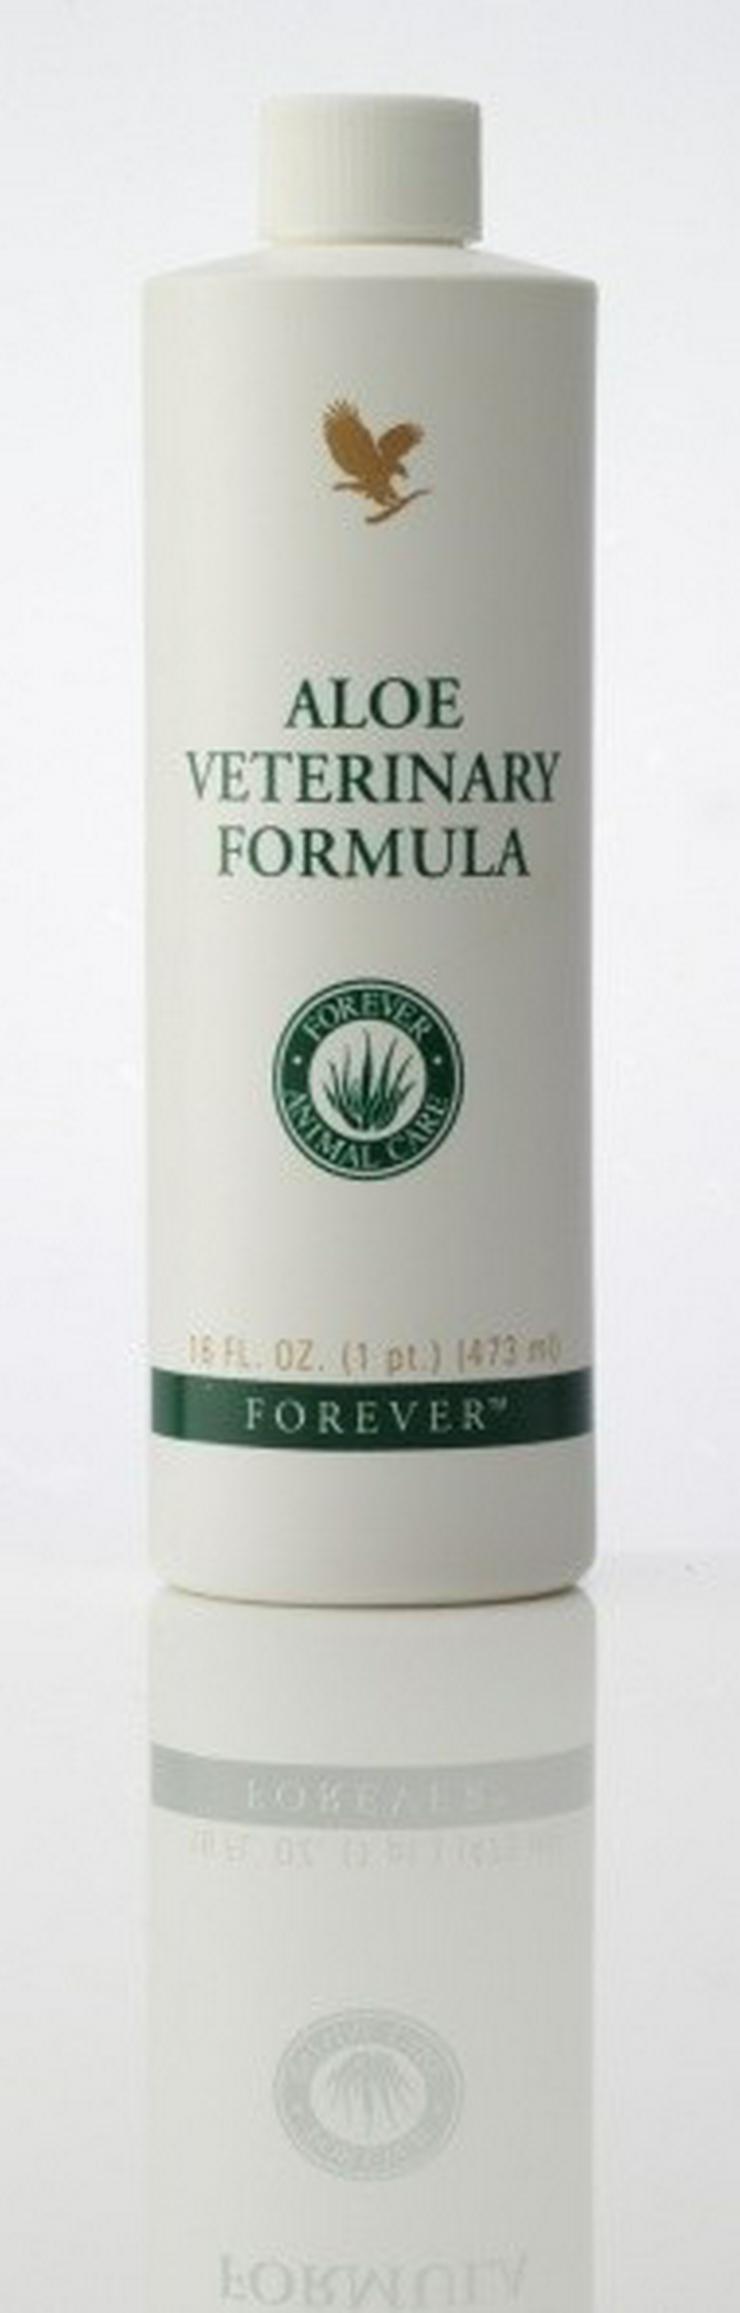 Bild 2: 5für4 - Aloe Veterinary Formula - TOP Tierspray